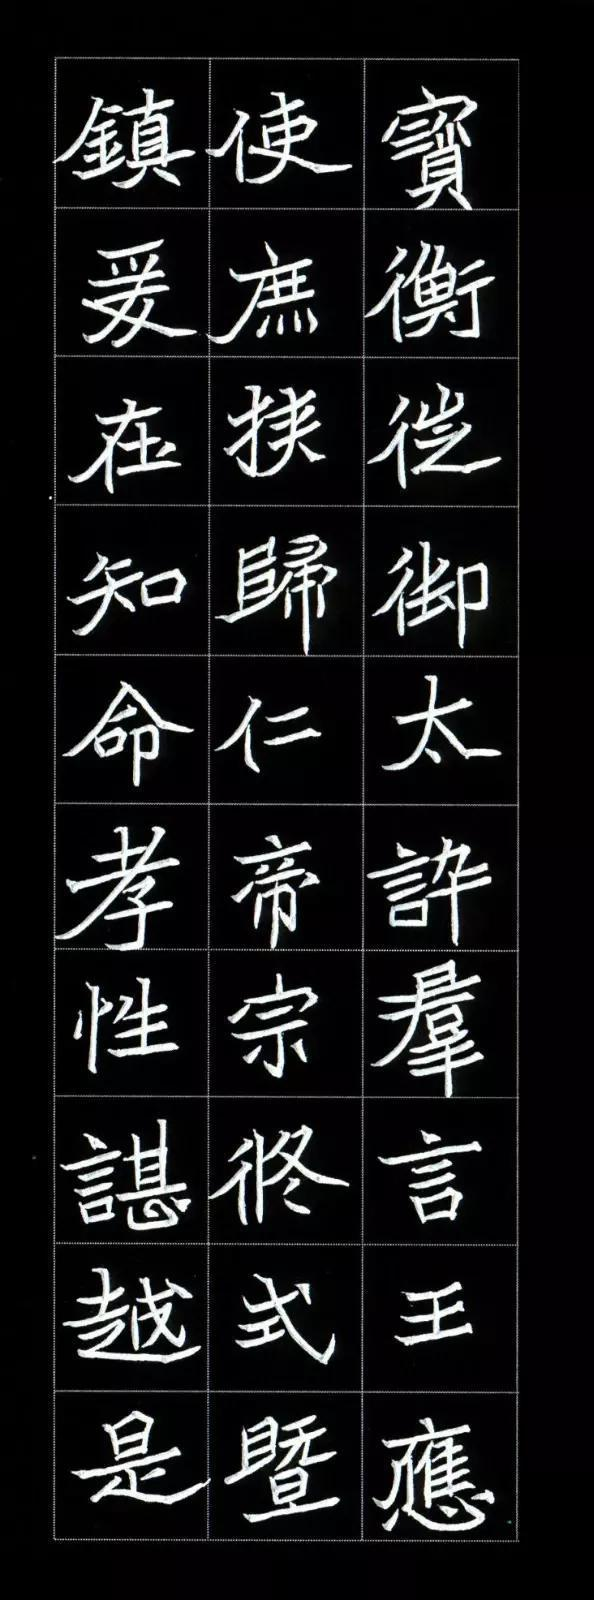 北魏《元楨墓誌》完整版(硬筆臨)